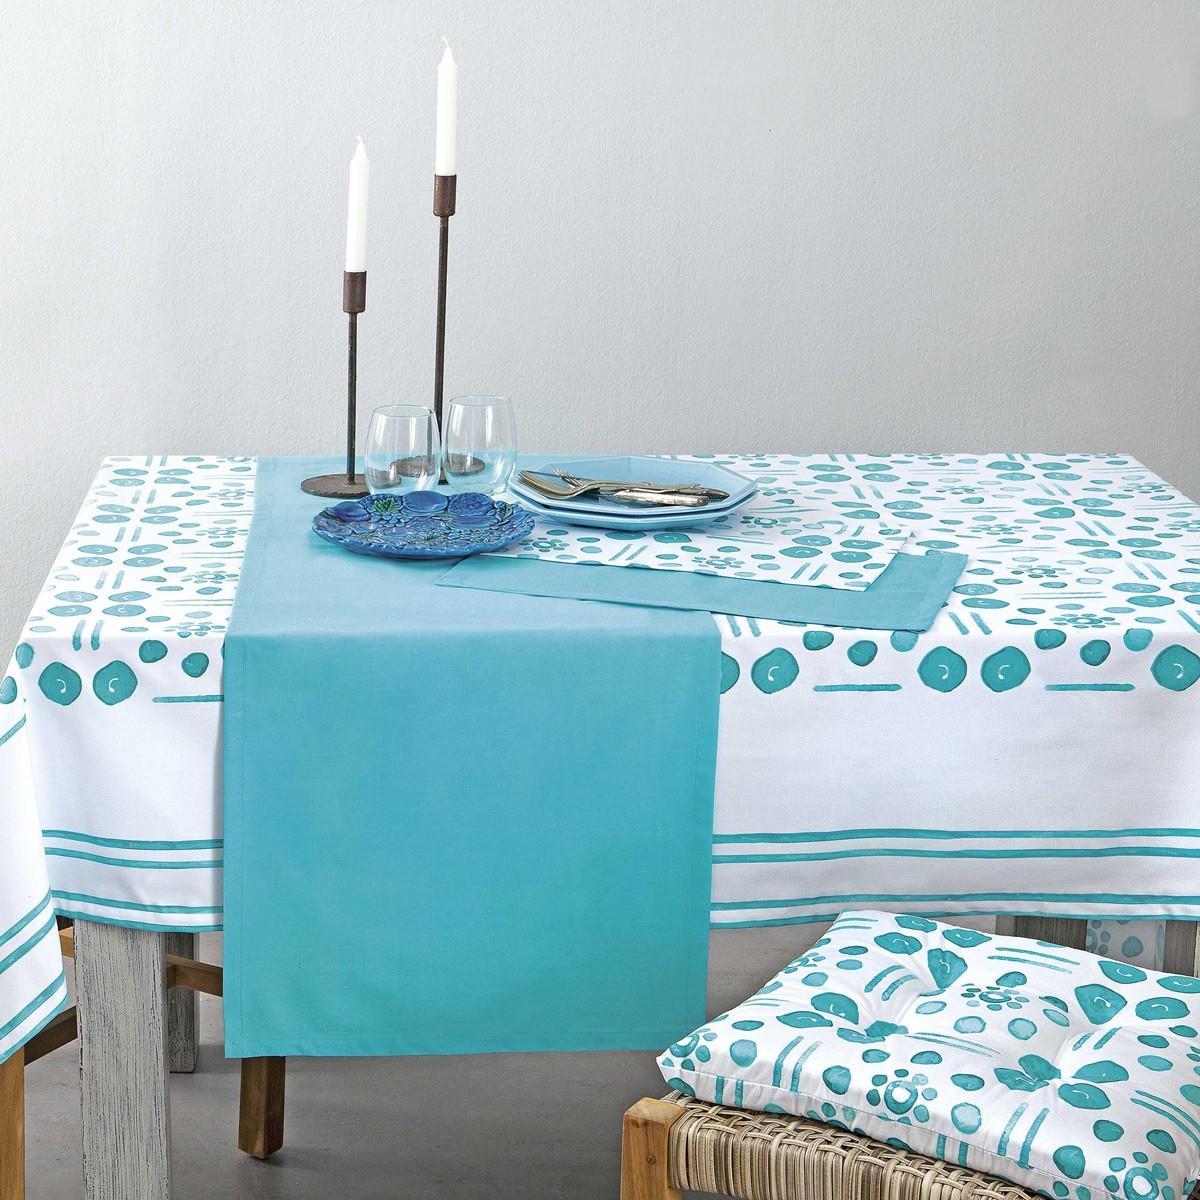 Τραπεζομάντηλο (150×220) Nima Table Linen Cyclades